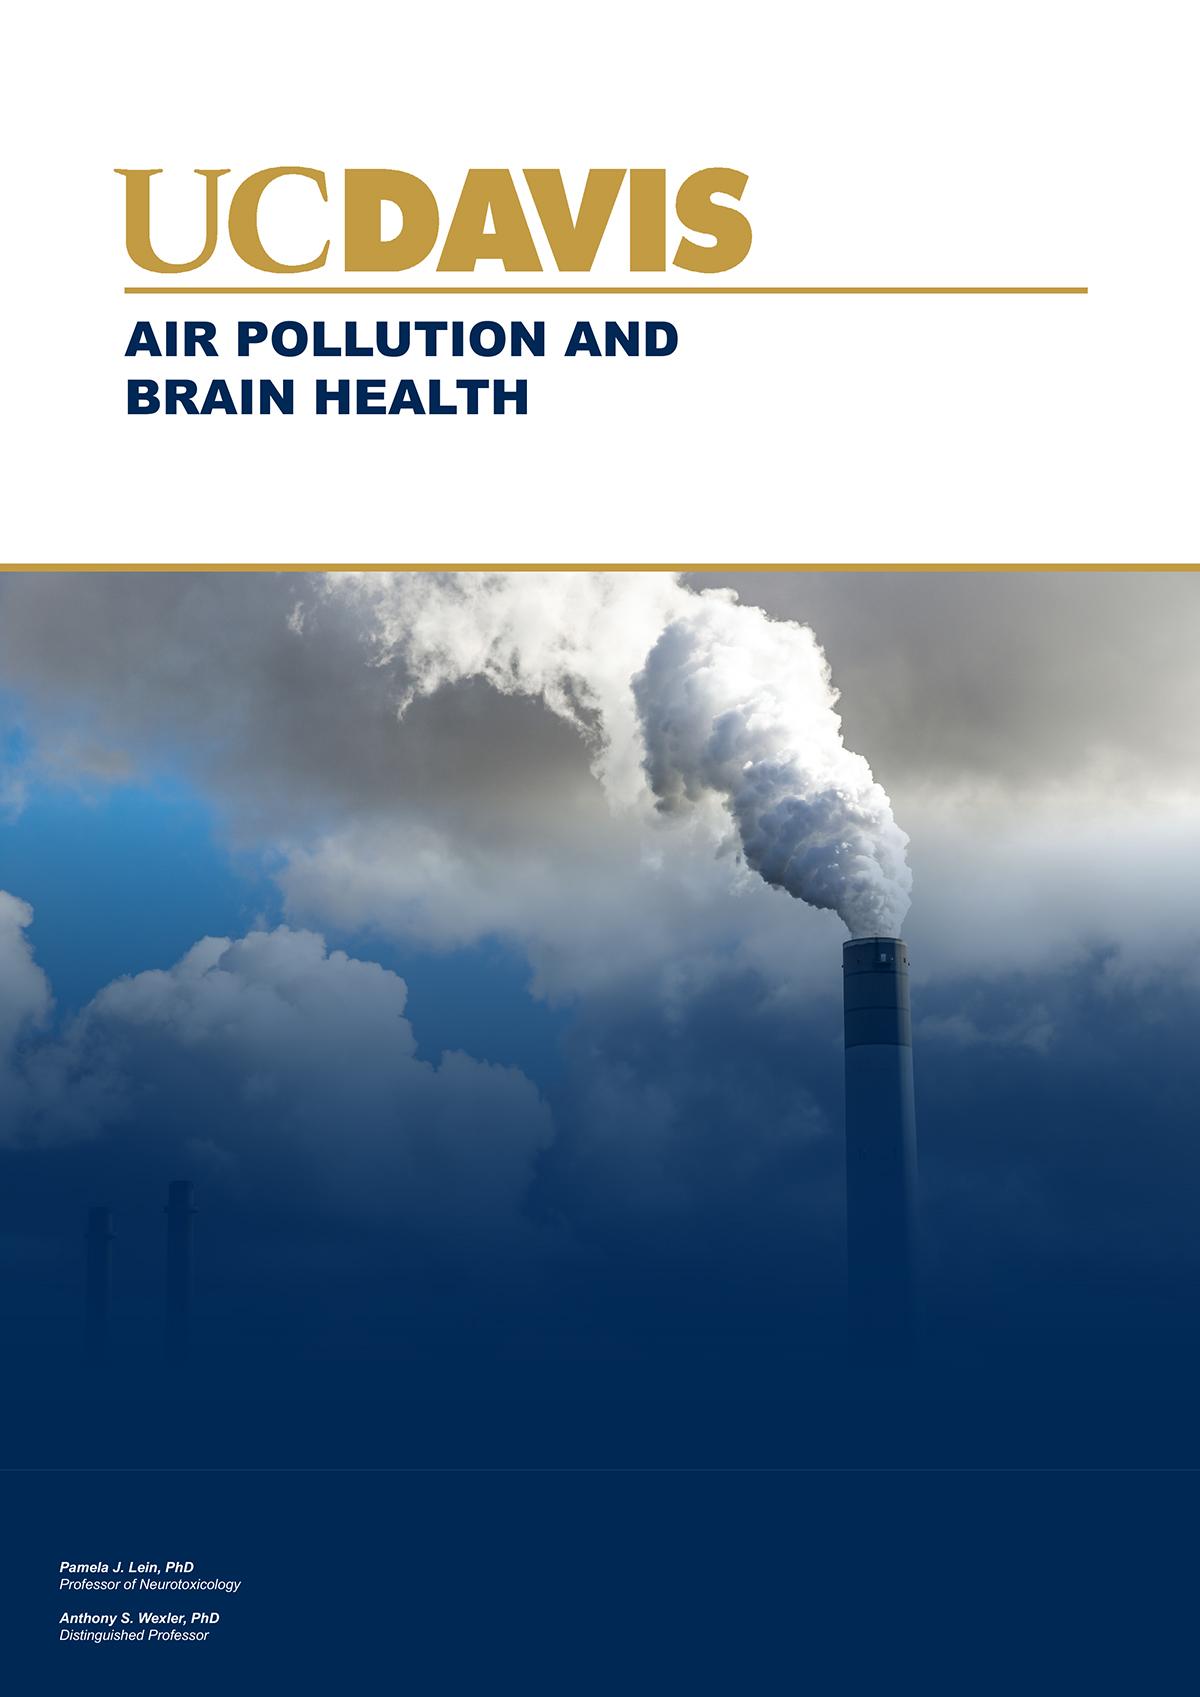 air pollution and brain health, pollutants